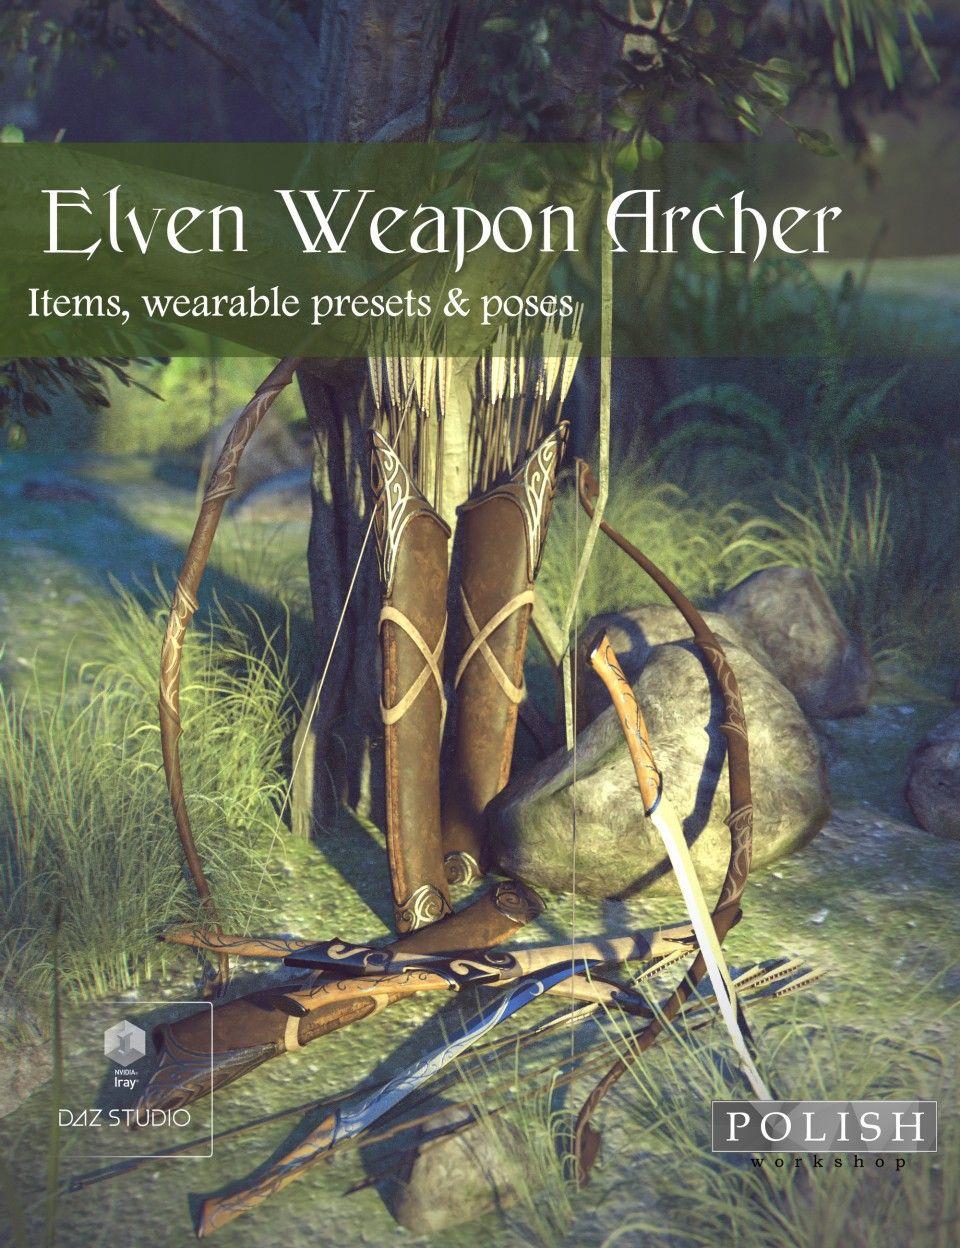 Elven Weapon Archer